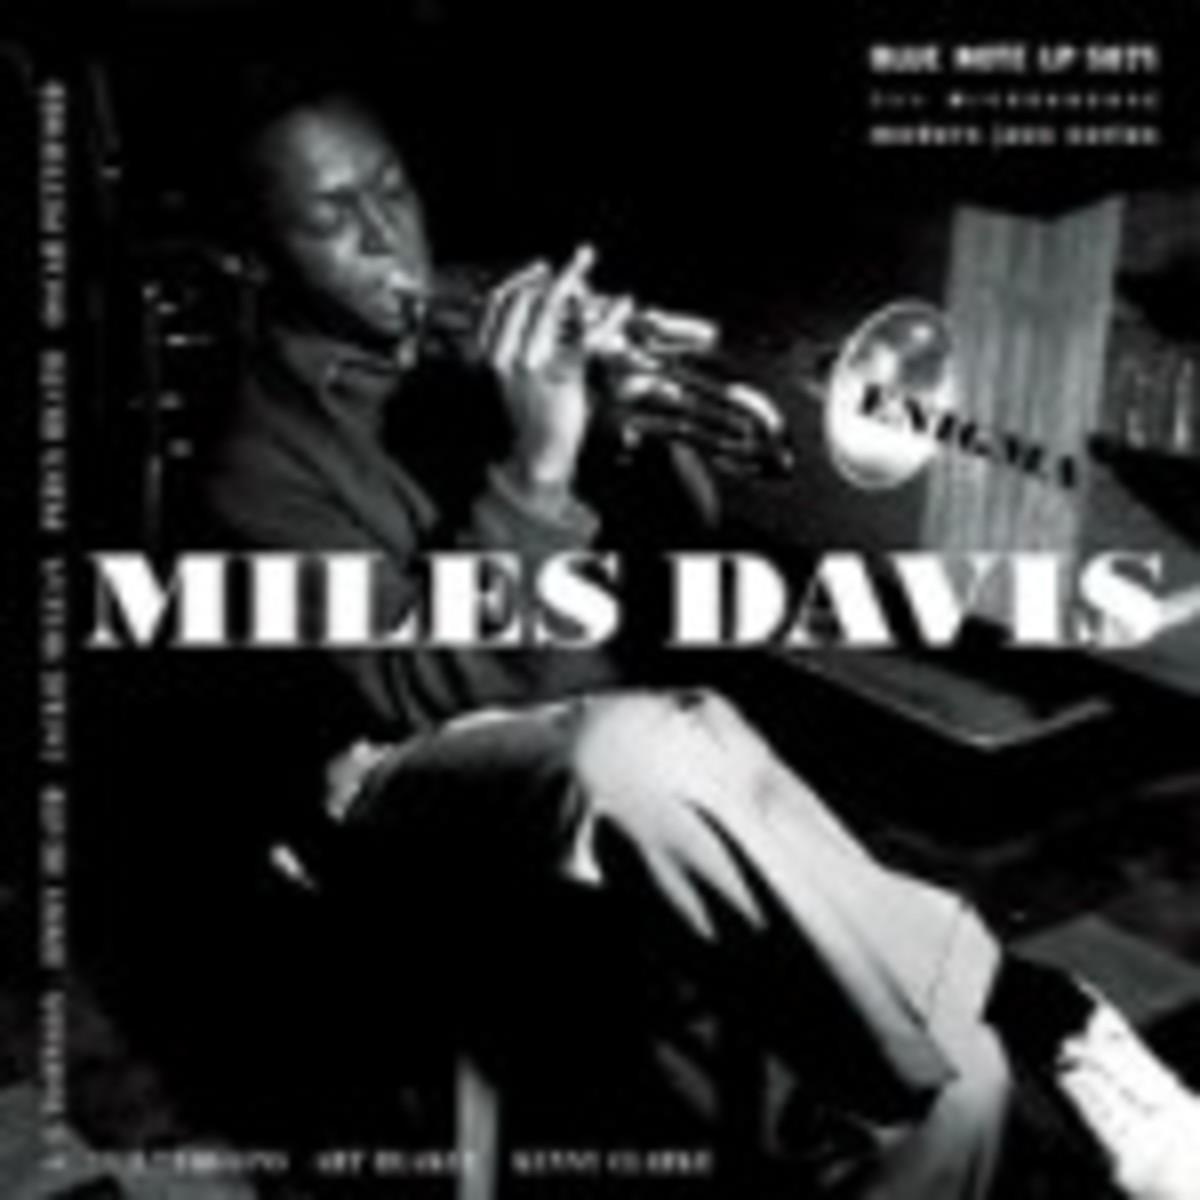 Miles Davis Enigma on vinyl